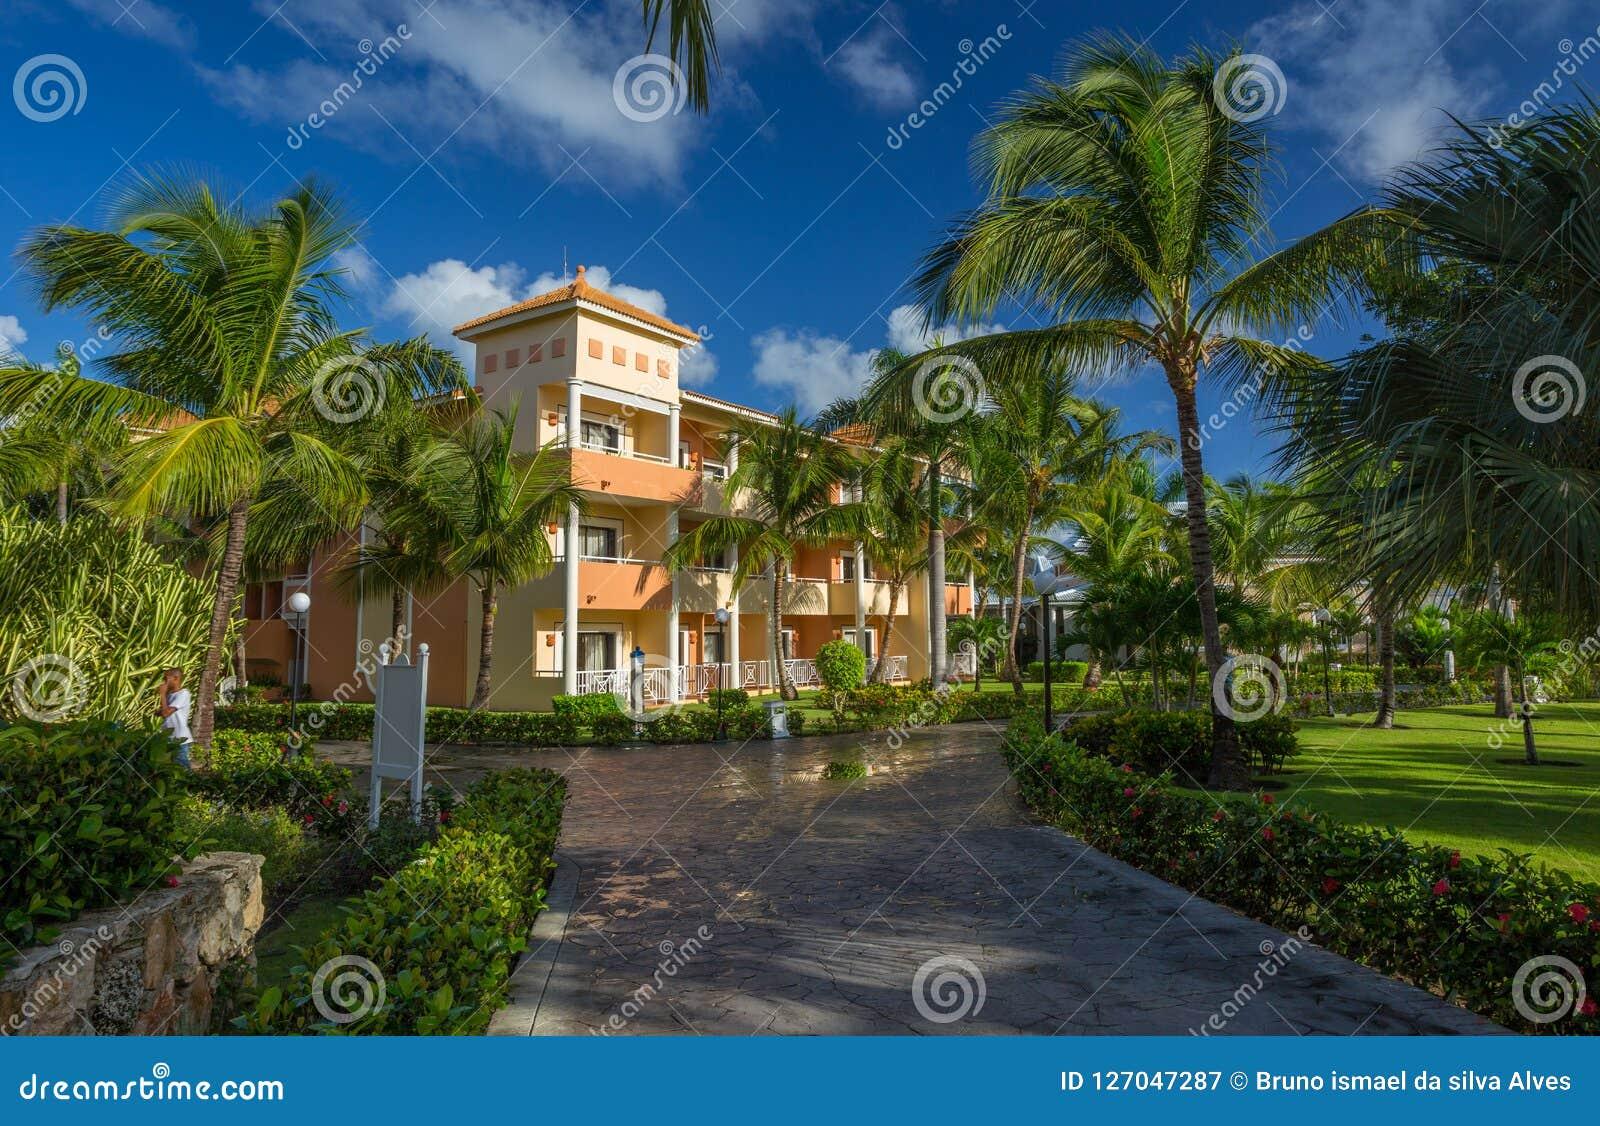 Grand Bahia Principe Hotel Resort In Punta Cana, Dominican